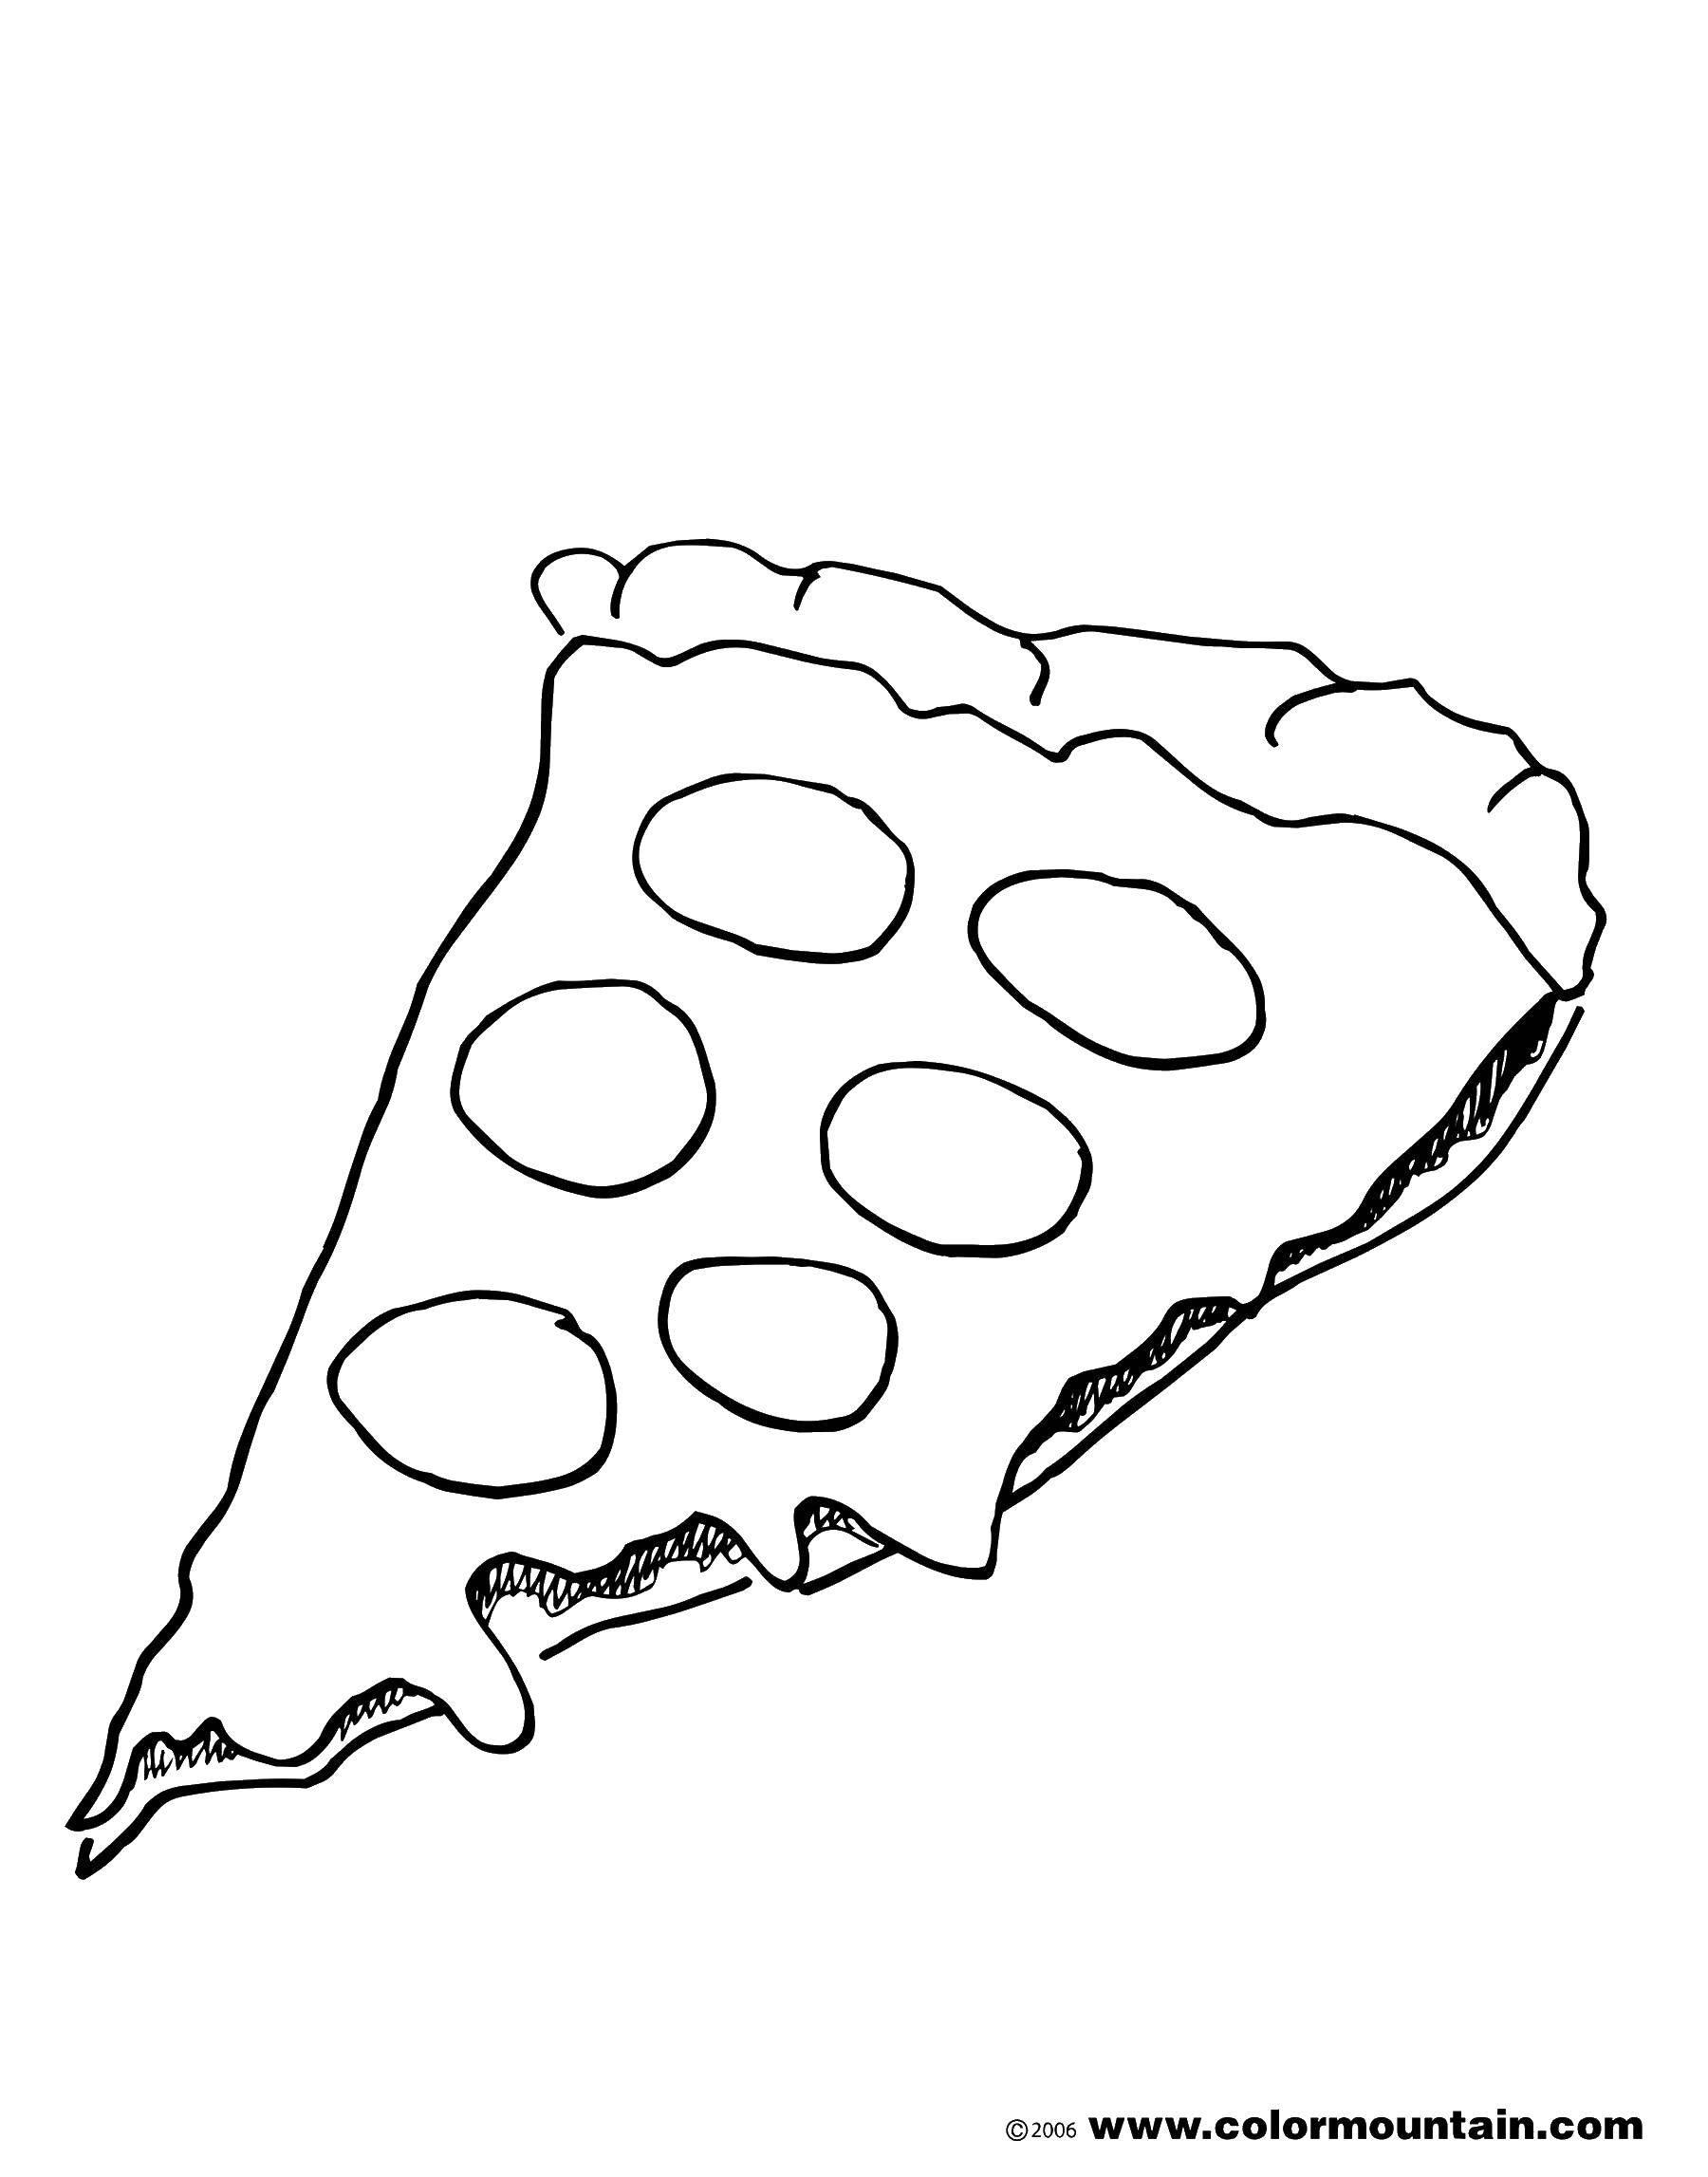 распечатать раскраски пиццы чтобы